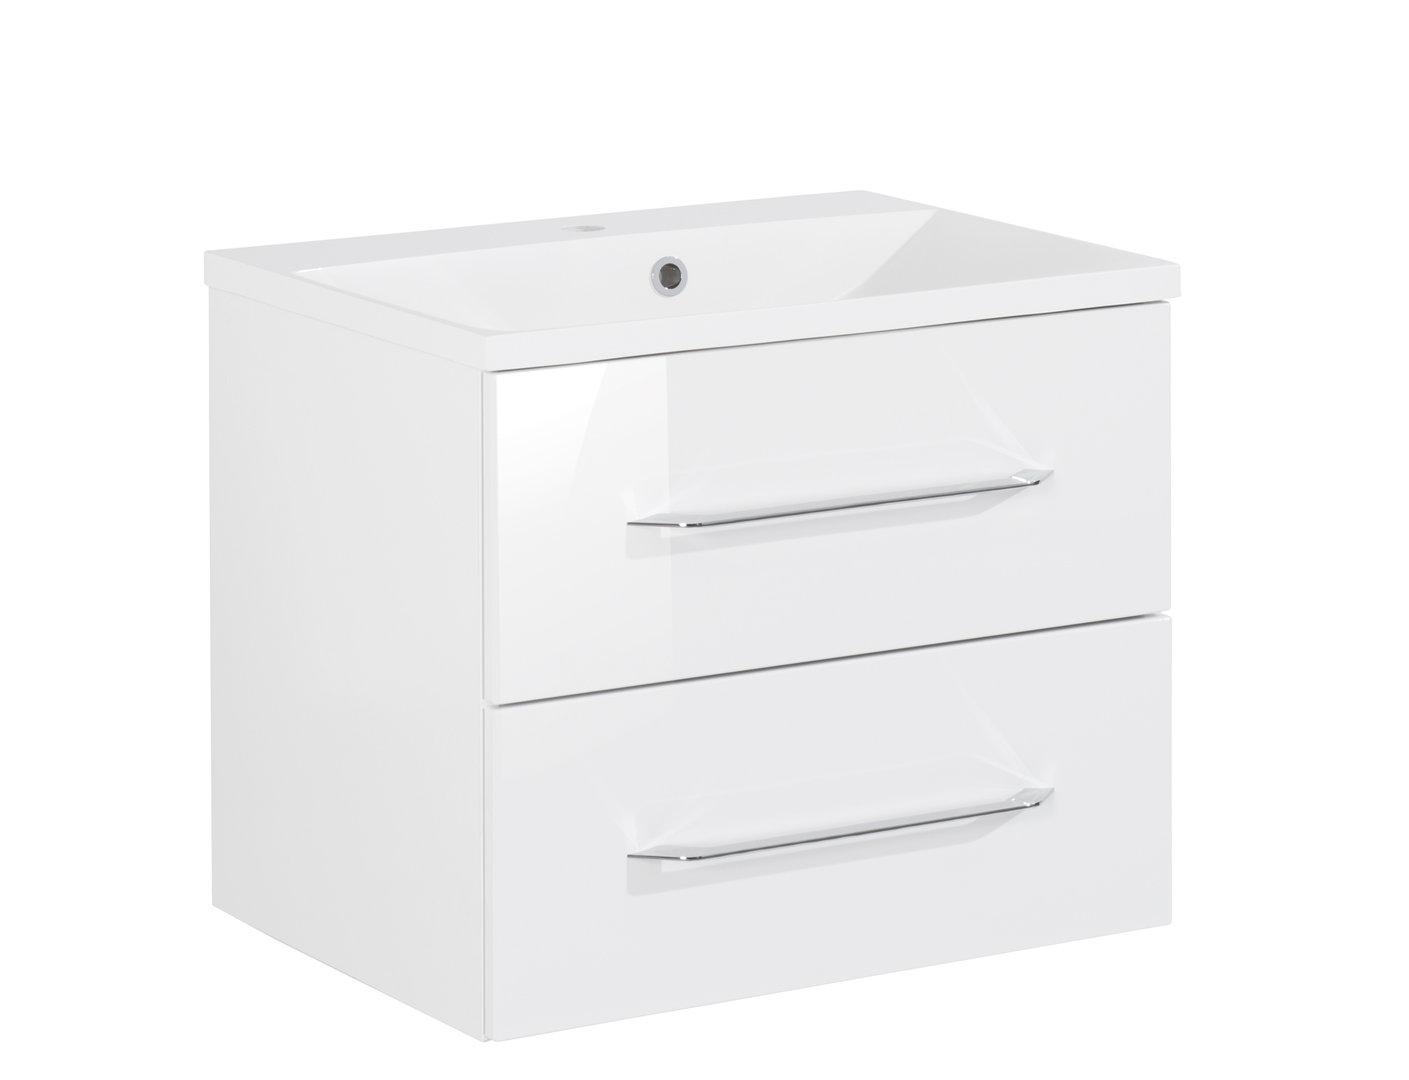 fackelmann waschtisch mit unterschrank 60 cm wei. Black Bedroom Furniture Sets. Home Design Ideas